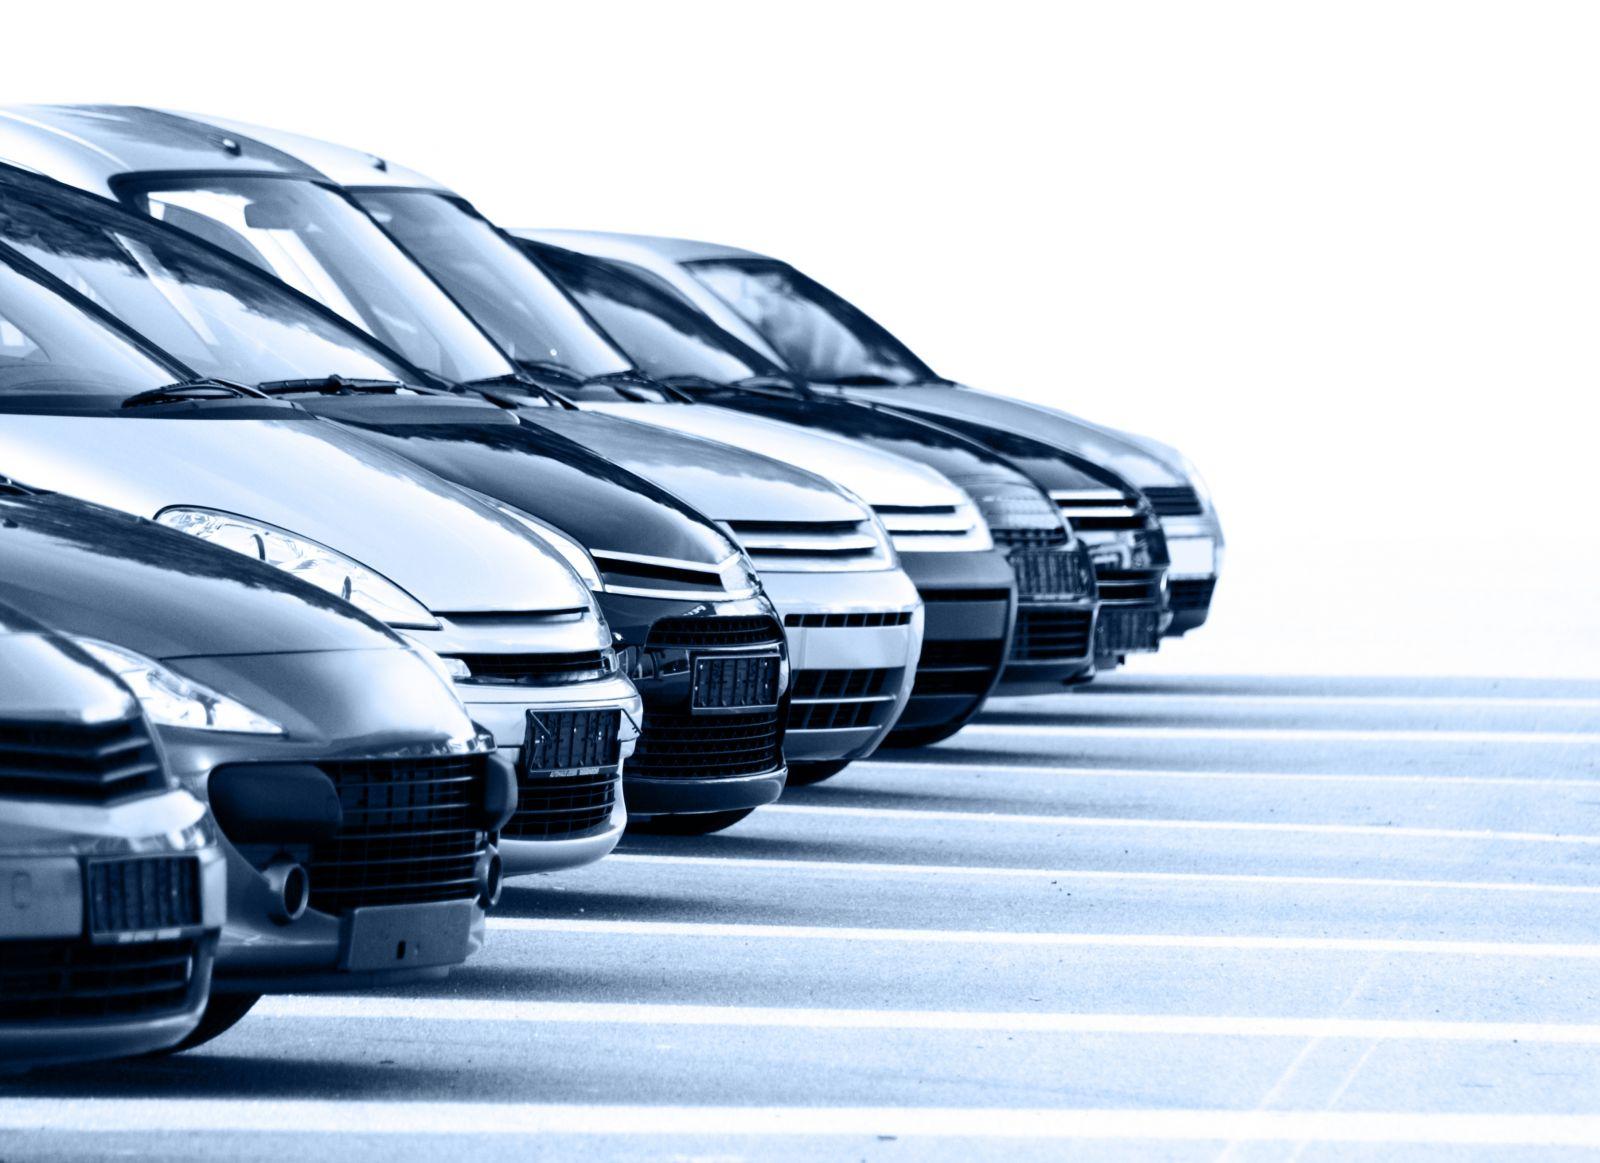 Remises entreprise pour l'achat d'une voiture neuve